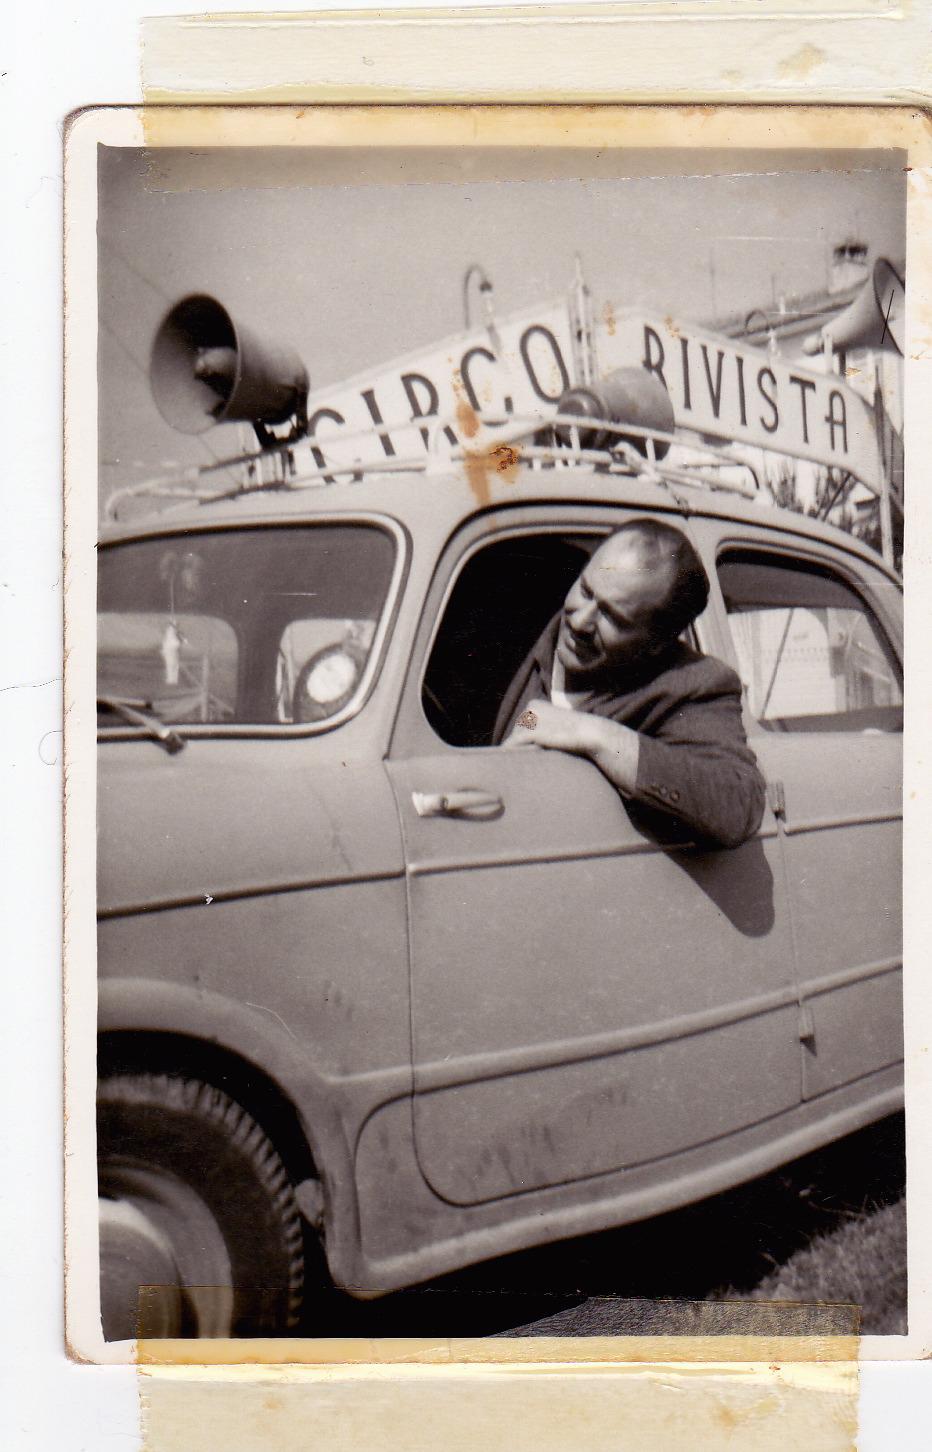 Ciribì Ciribà - Mostra: fotografie, video dello storico Circo di Pippetto. Platò